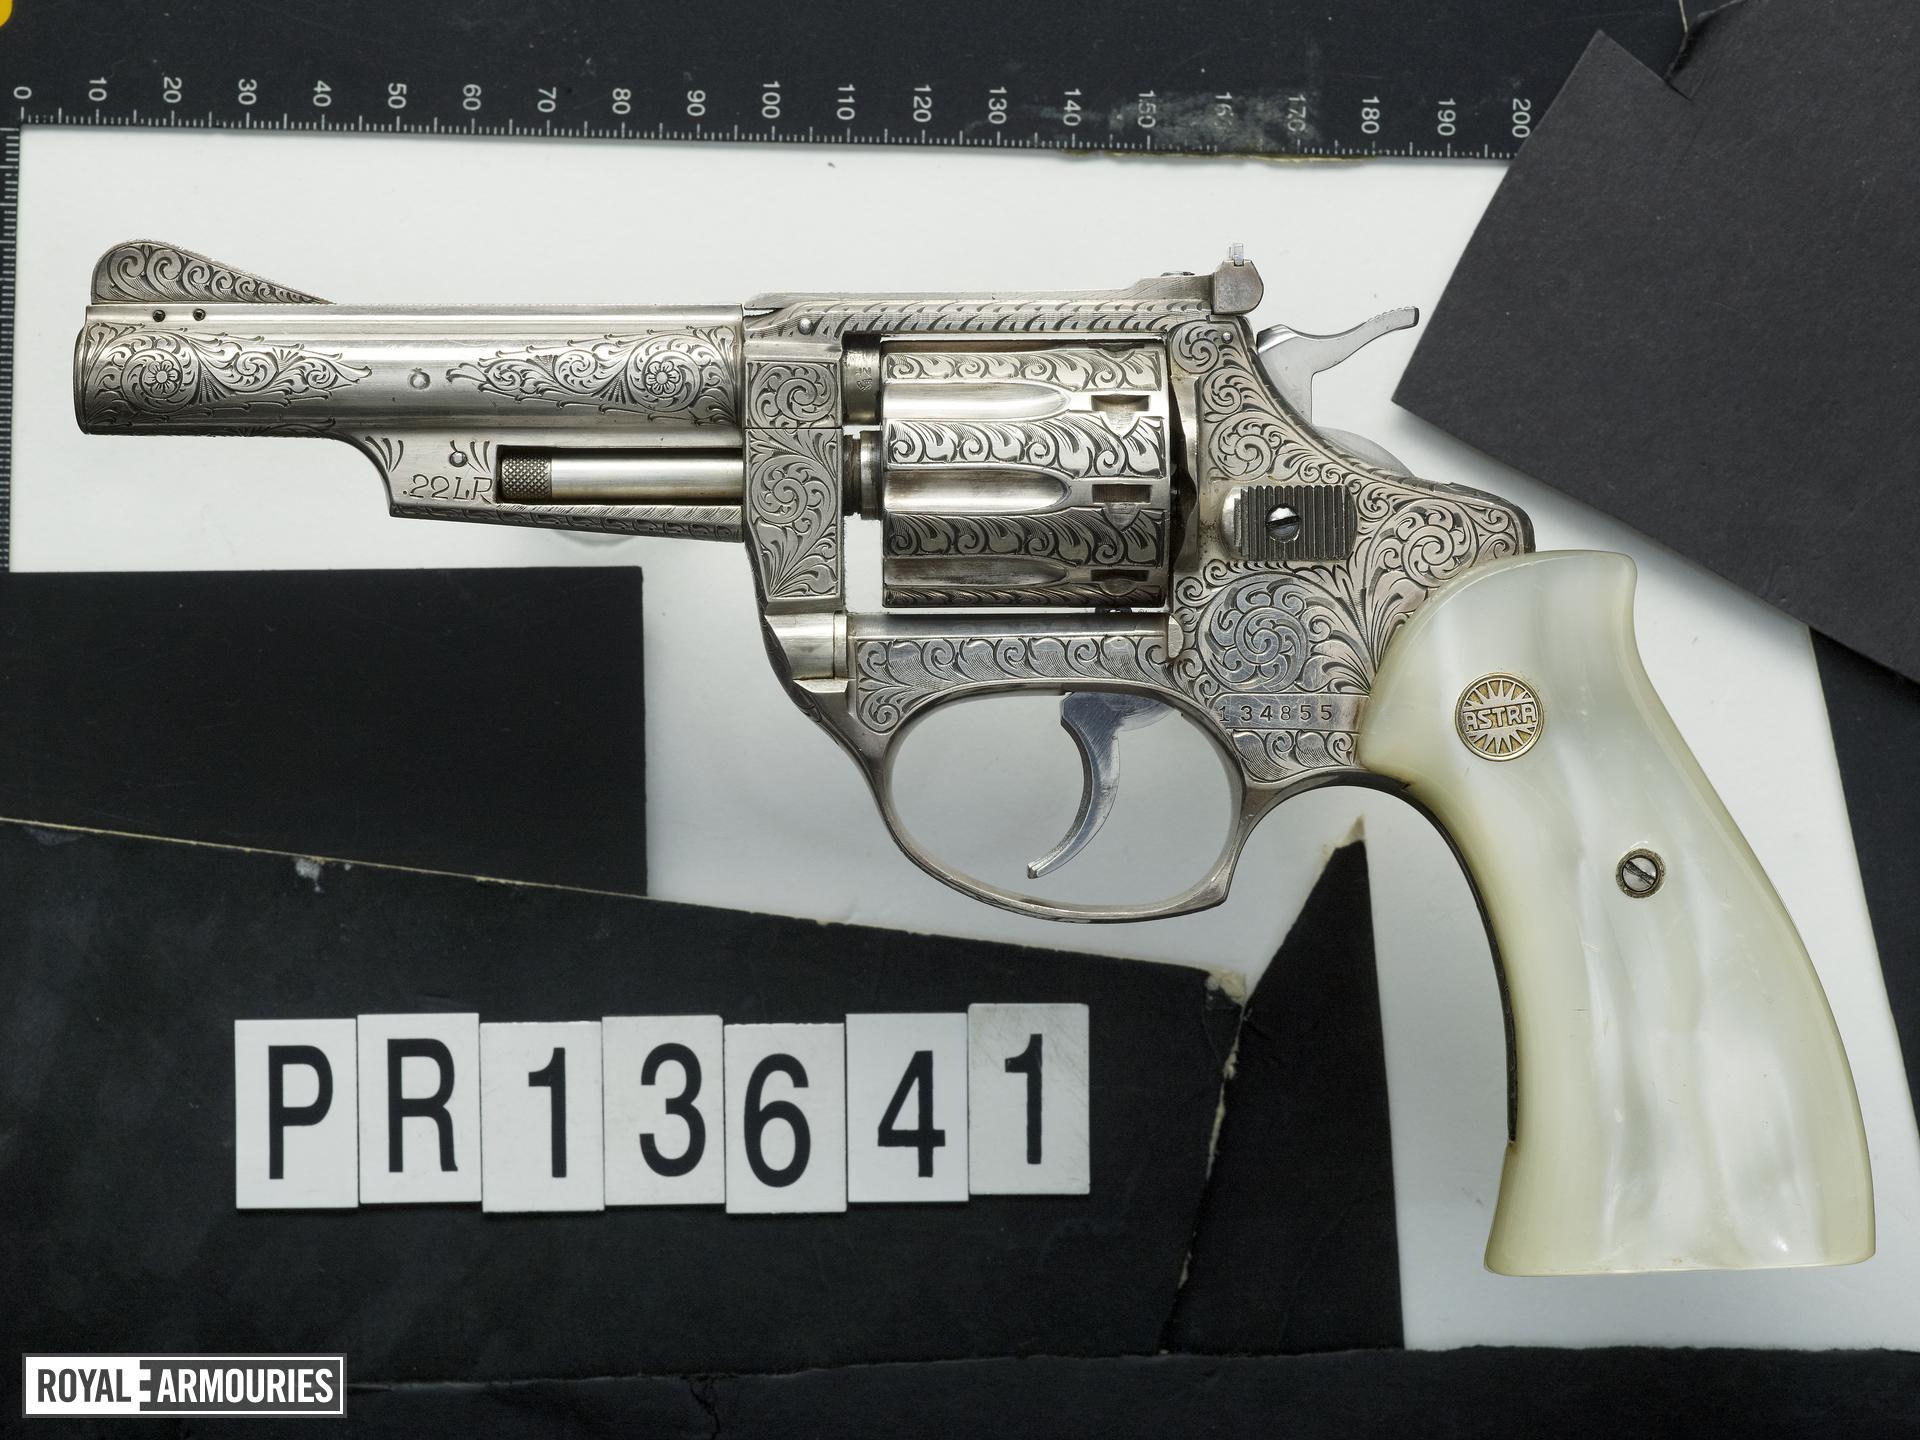 Rimfire nine-shot revolver - Astra Cadix 22